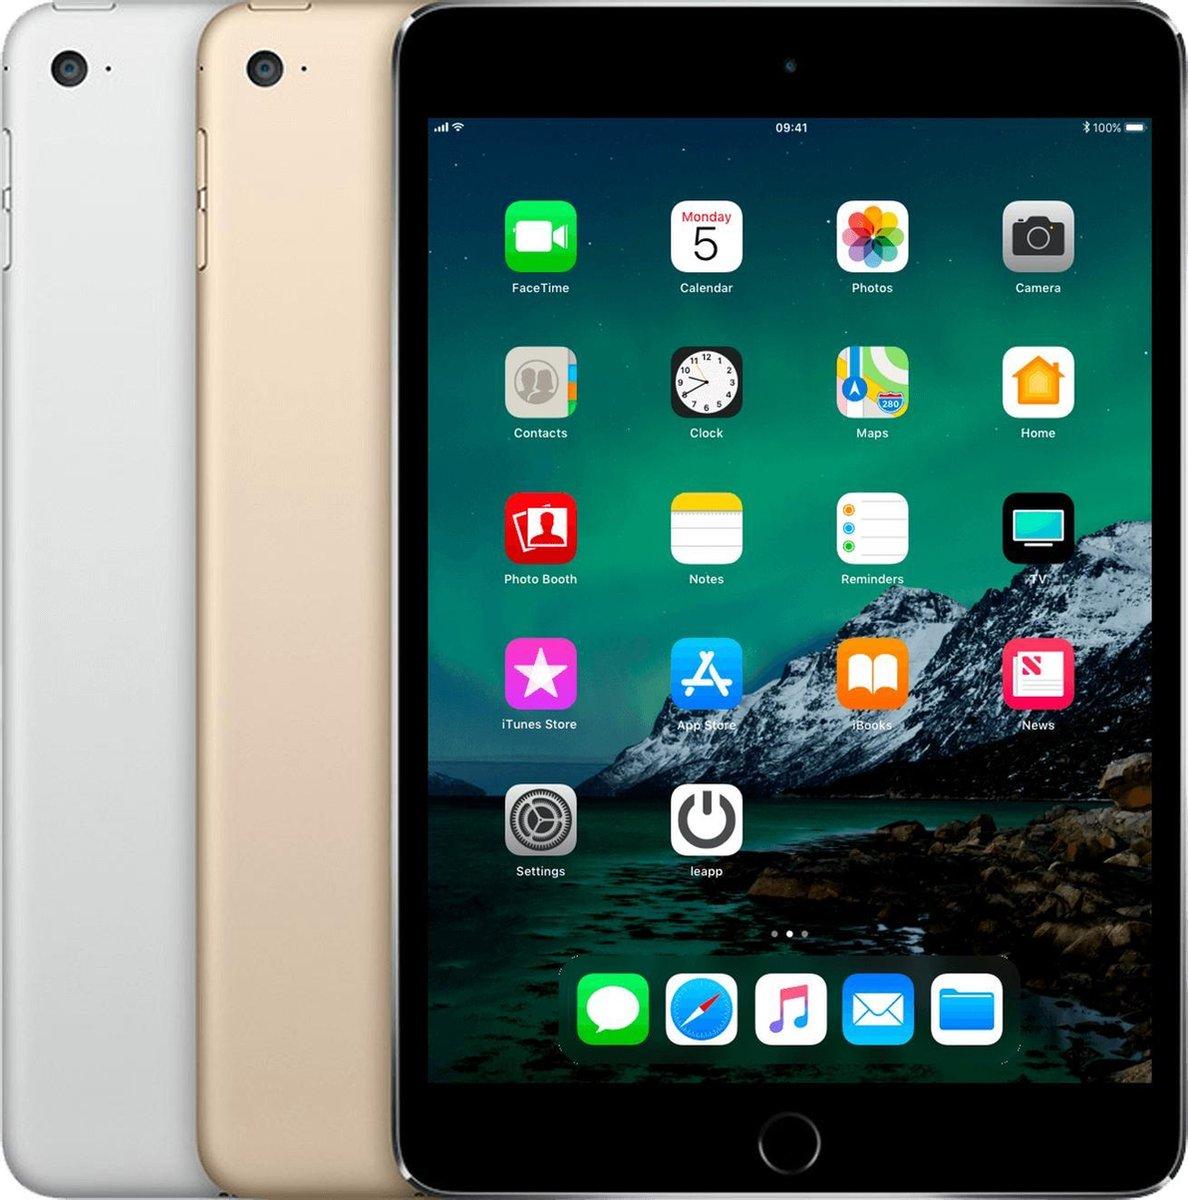 Apple iPad Mini 4   – 7.9 inch – WiFi – 64 GB – Spacegrijs – Refurbished door Leapp – A Grade (zo goed als nieuw)